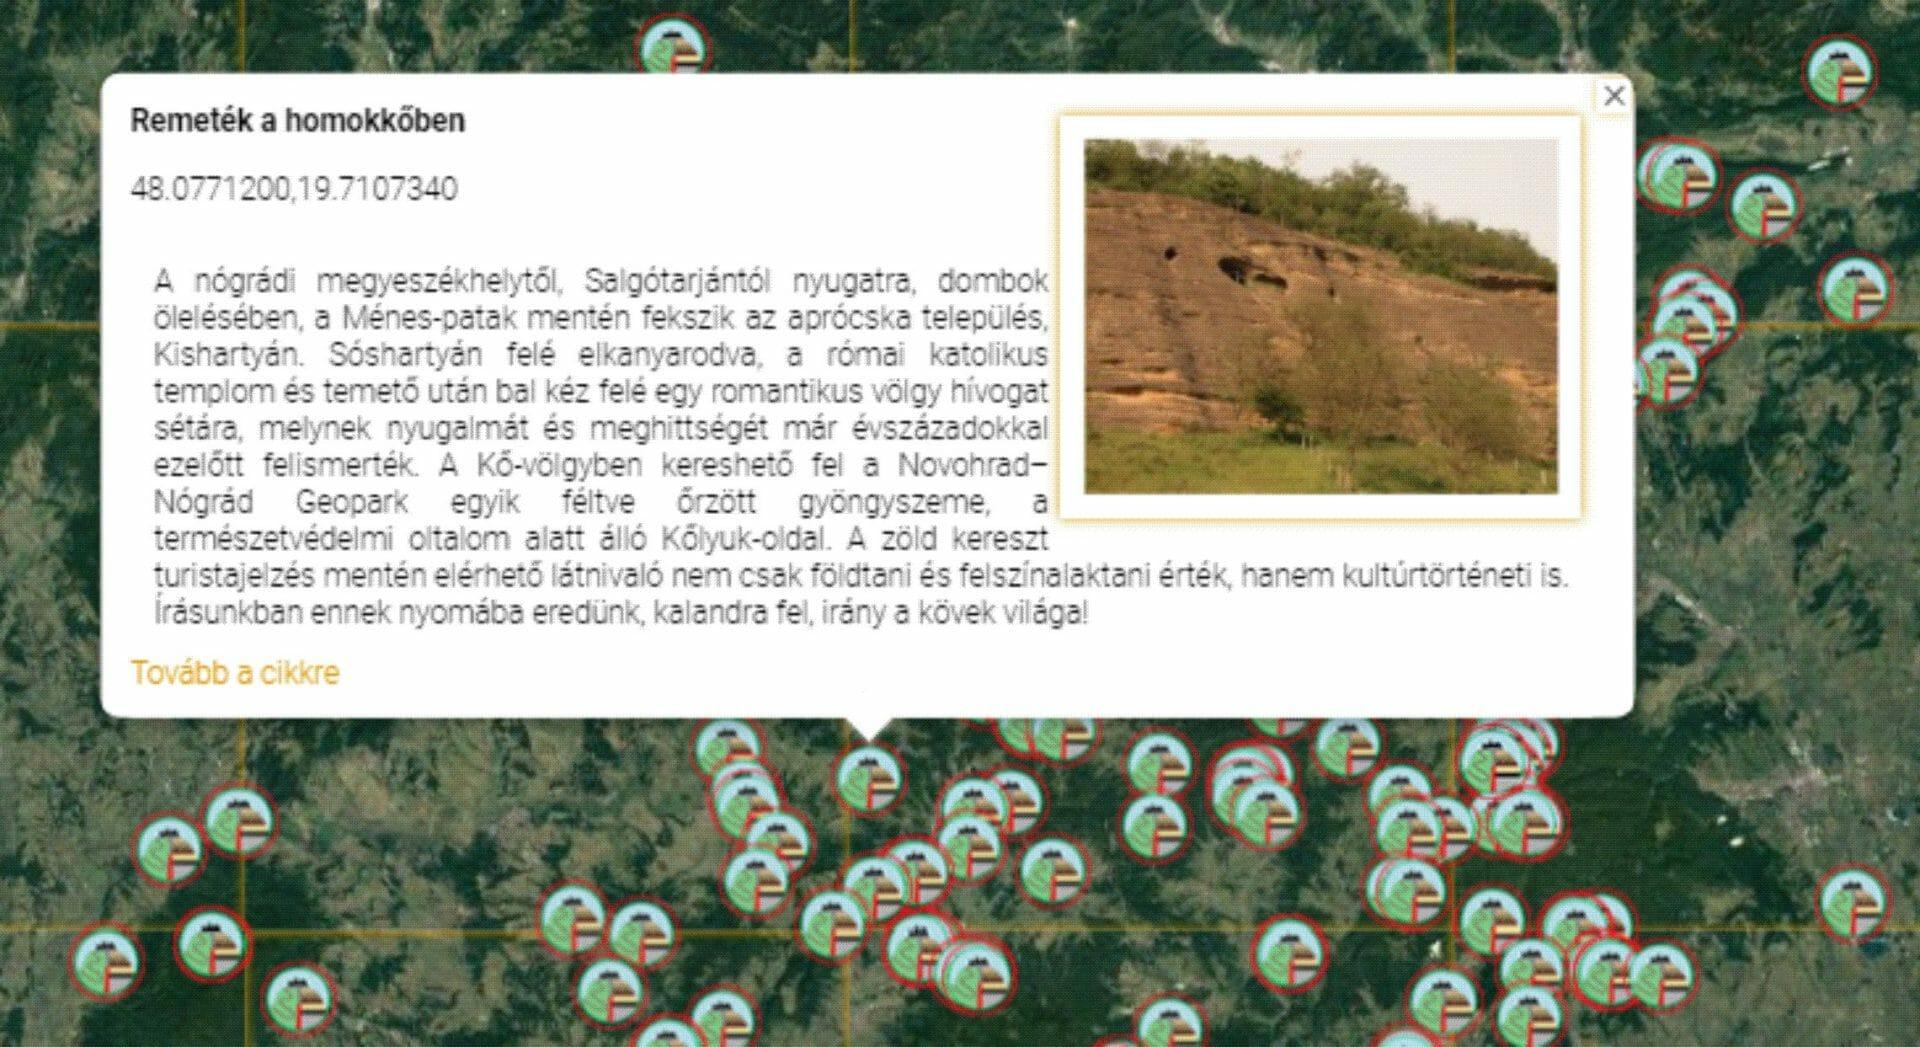 """Új térképi adatbázis """"A kövek mesélnek"""" oldalon"""